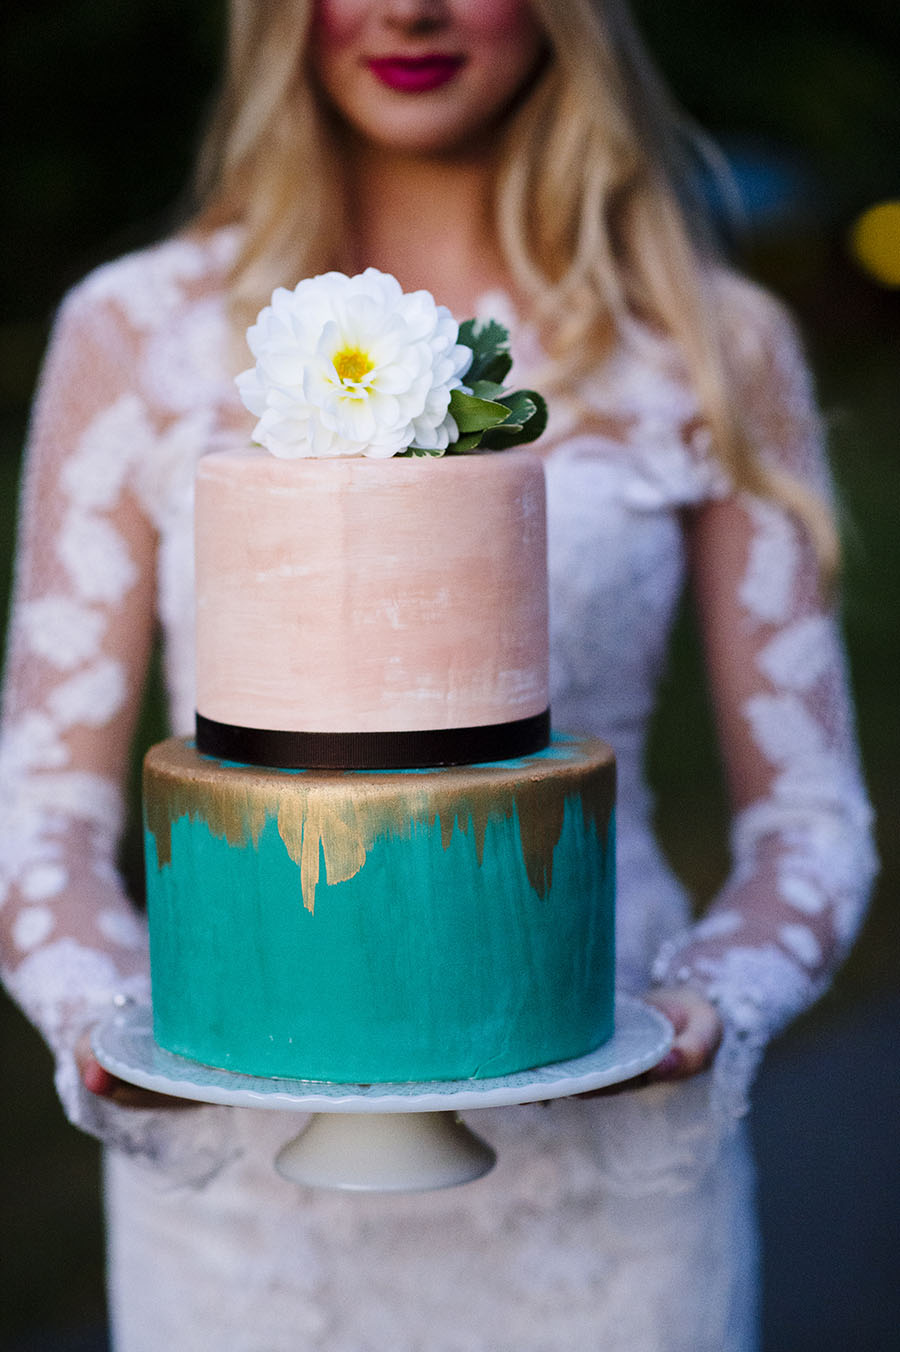 Ashley O'Dell Photography & Artisan Bake Shop